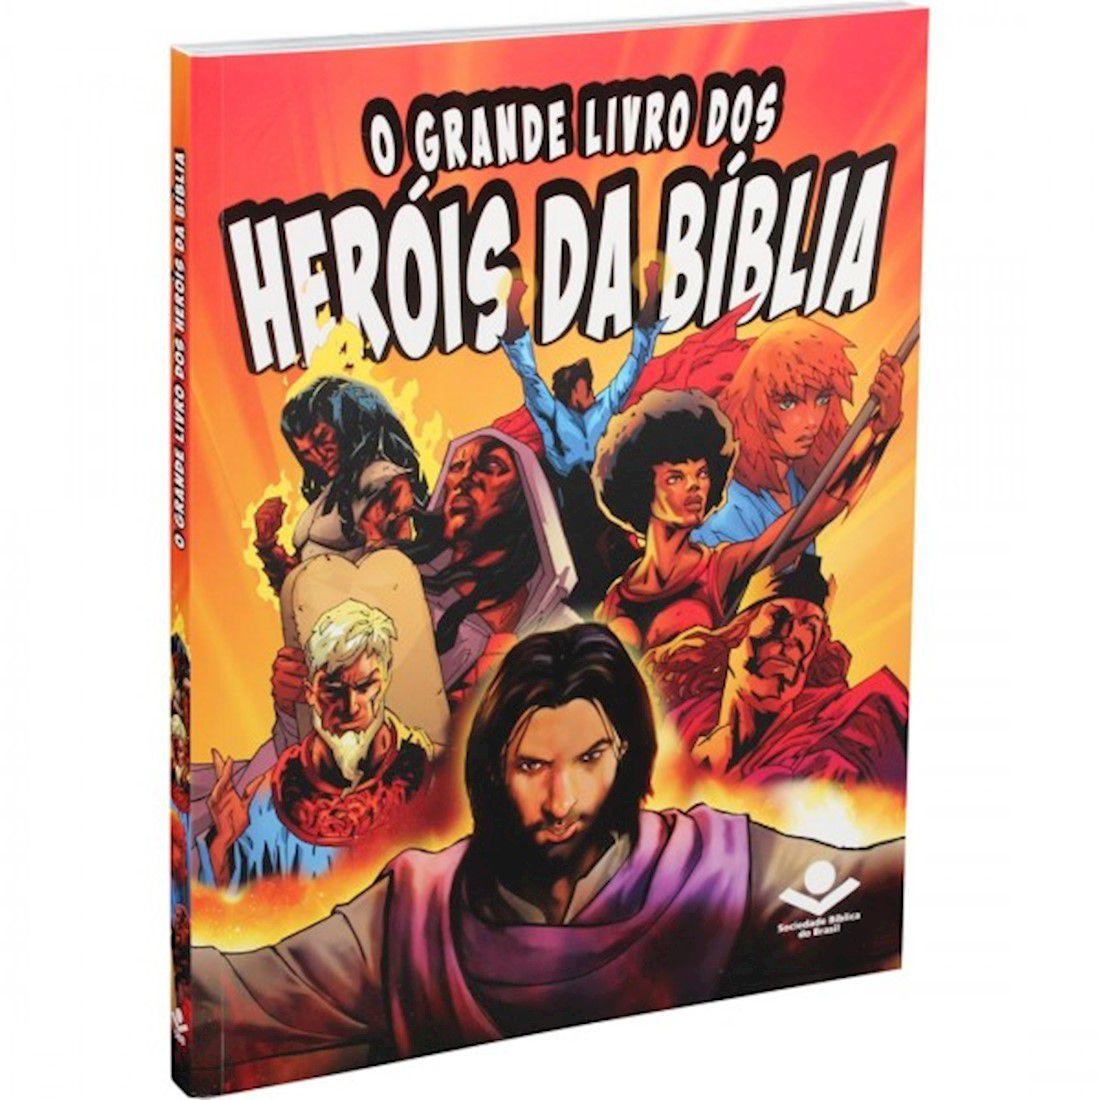 Livro O Grande Livro dos Heróis da Biblia - Capa Brochura